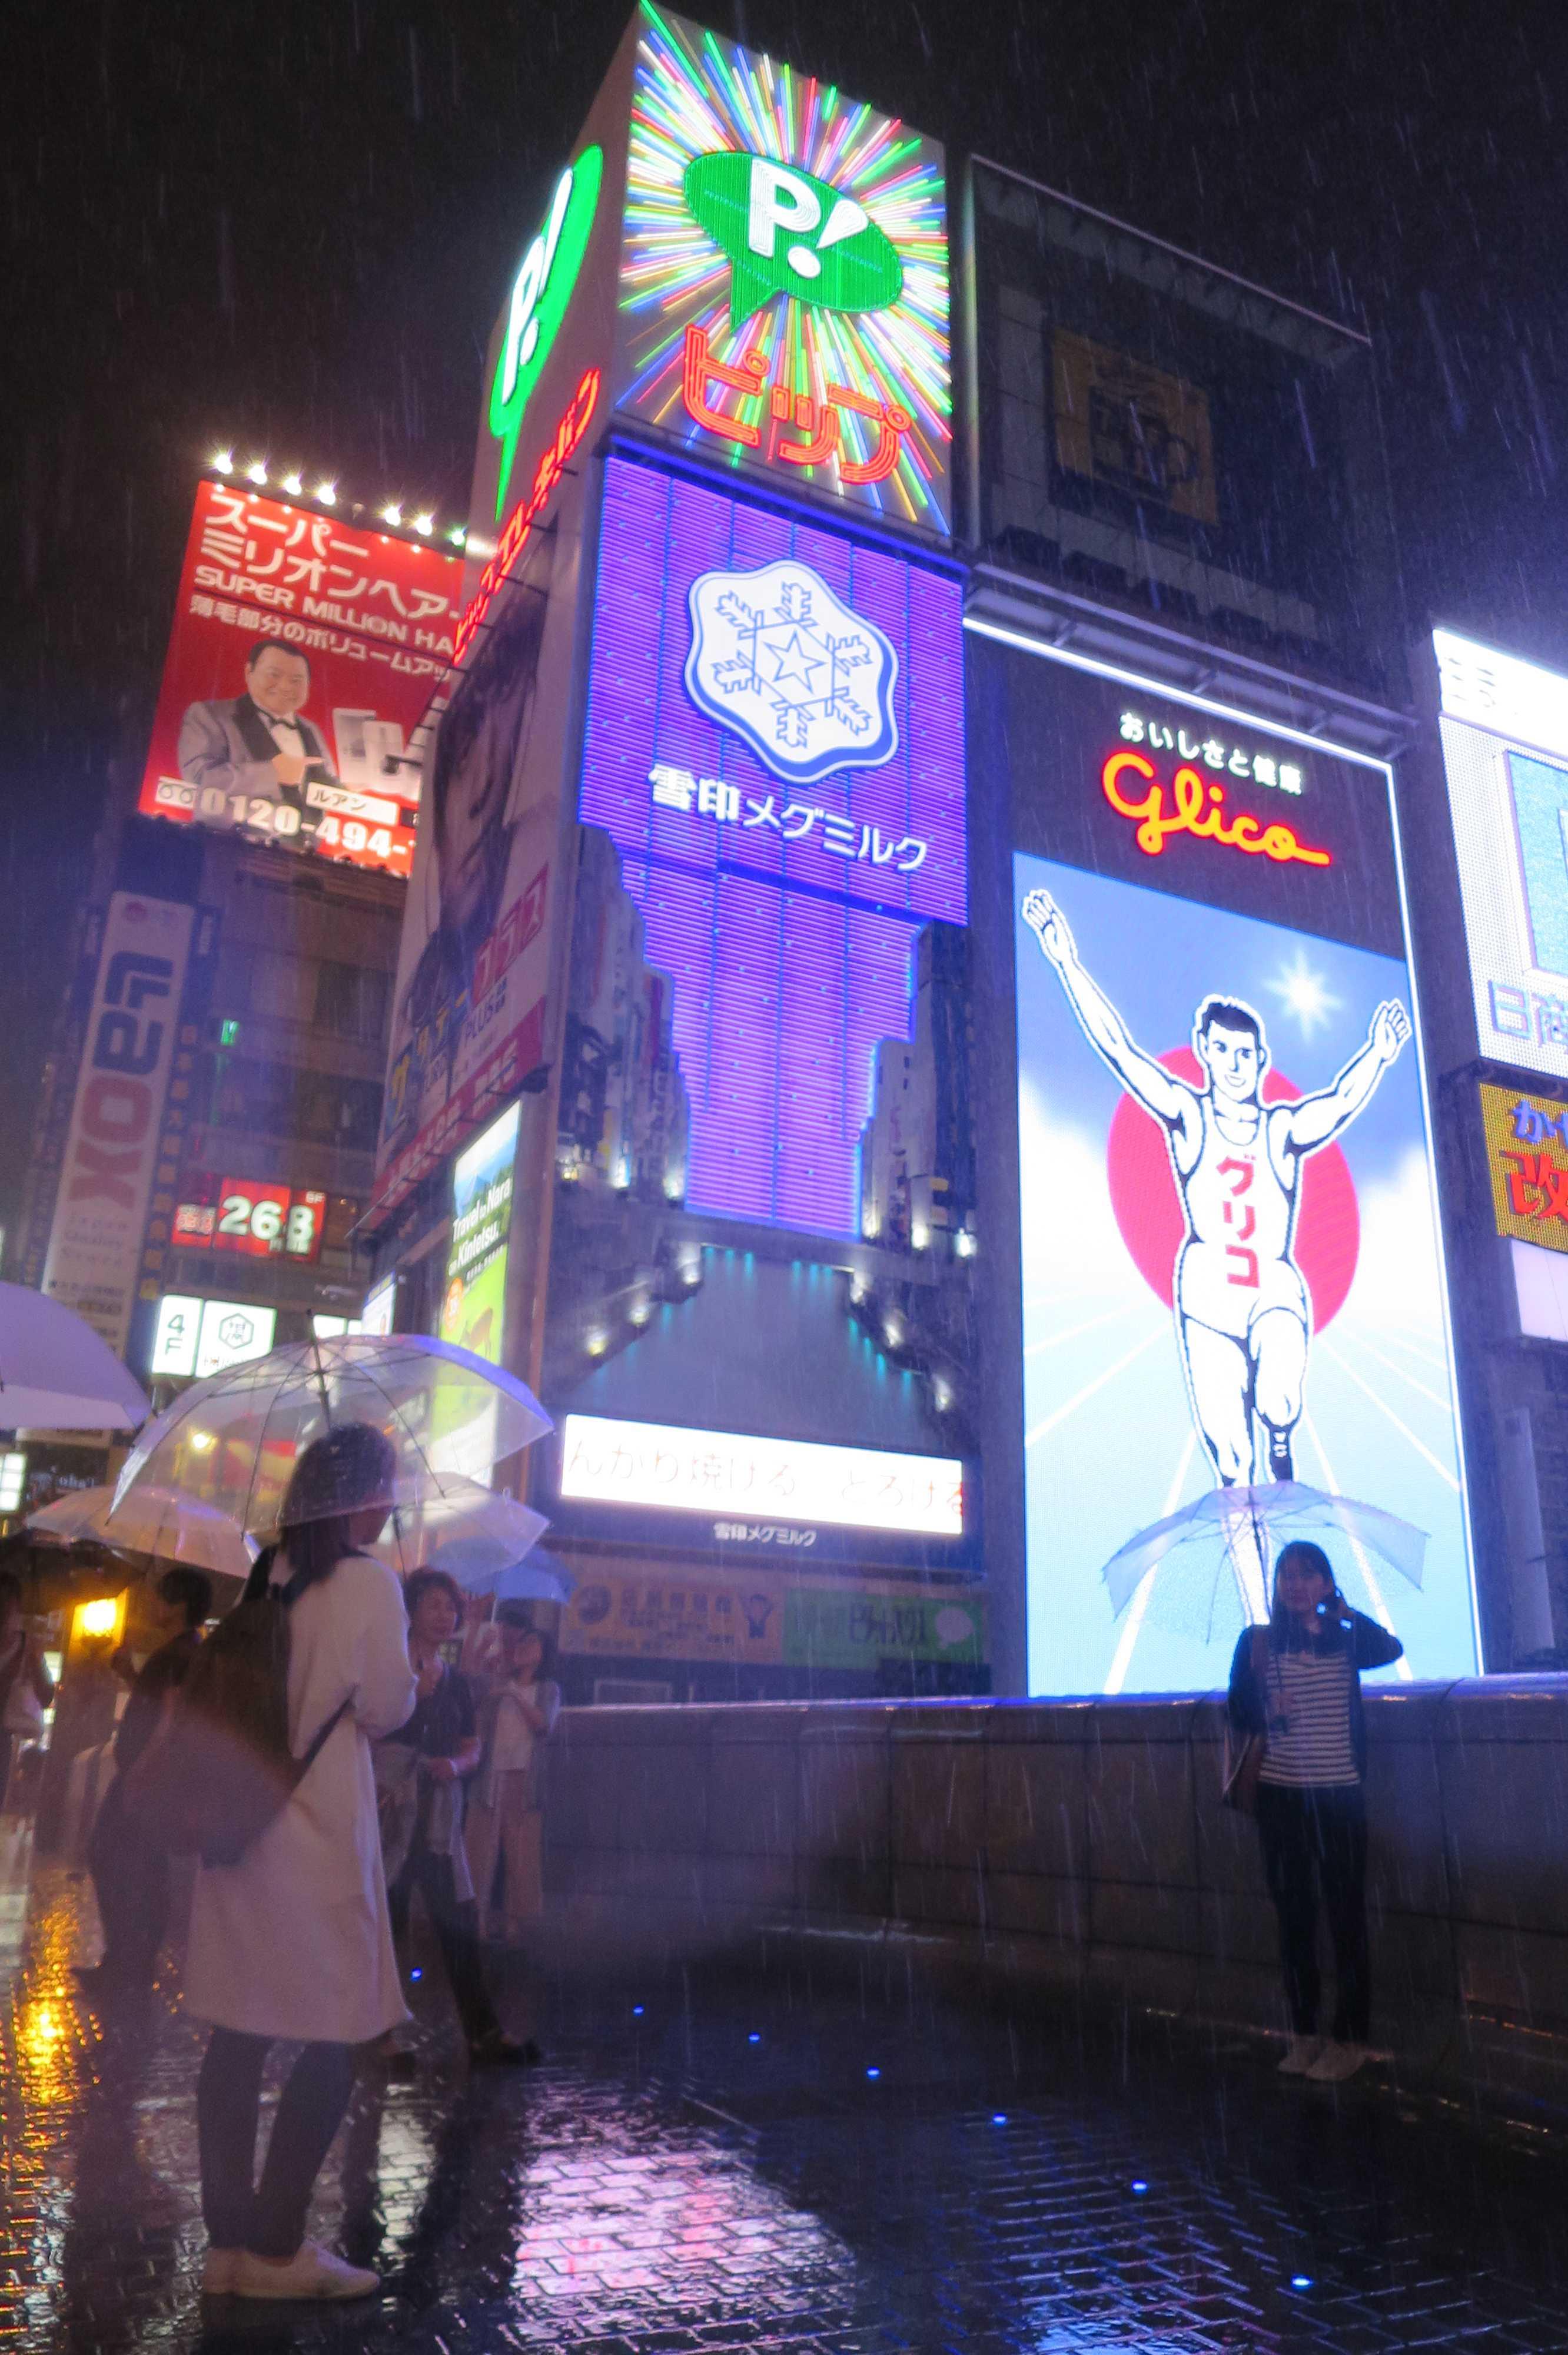 大阪・道頓堀 - 雨の夜のグリコサイン